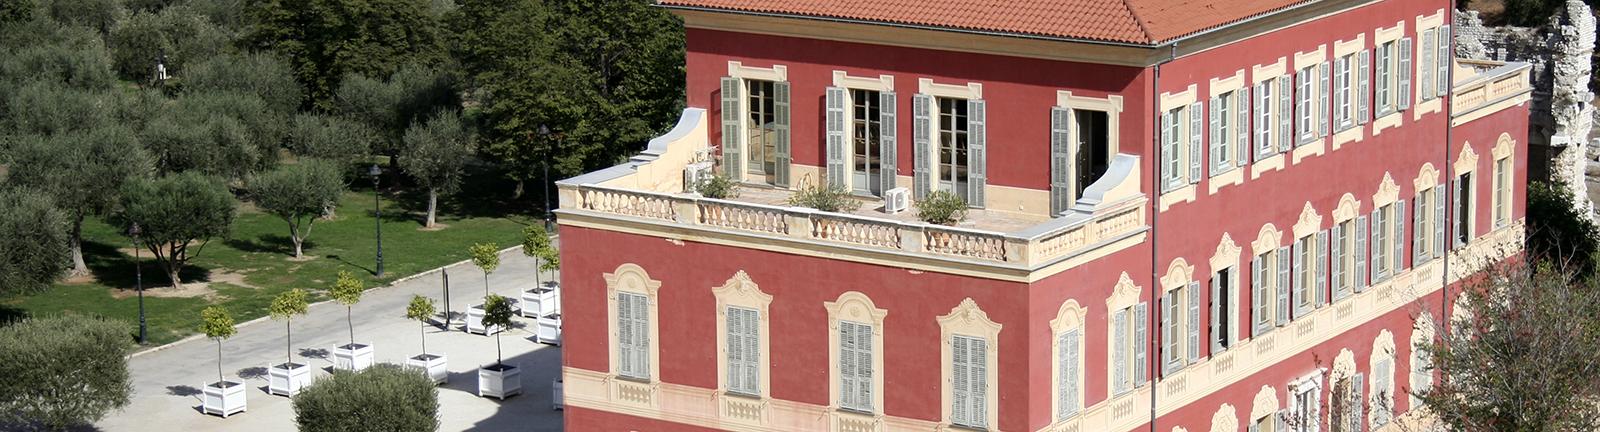 Musée Matisse, Nice - Façade ouest et sud du musée, vue générale Photo : A Vol d' Oiseau / Droits réservés